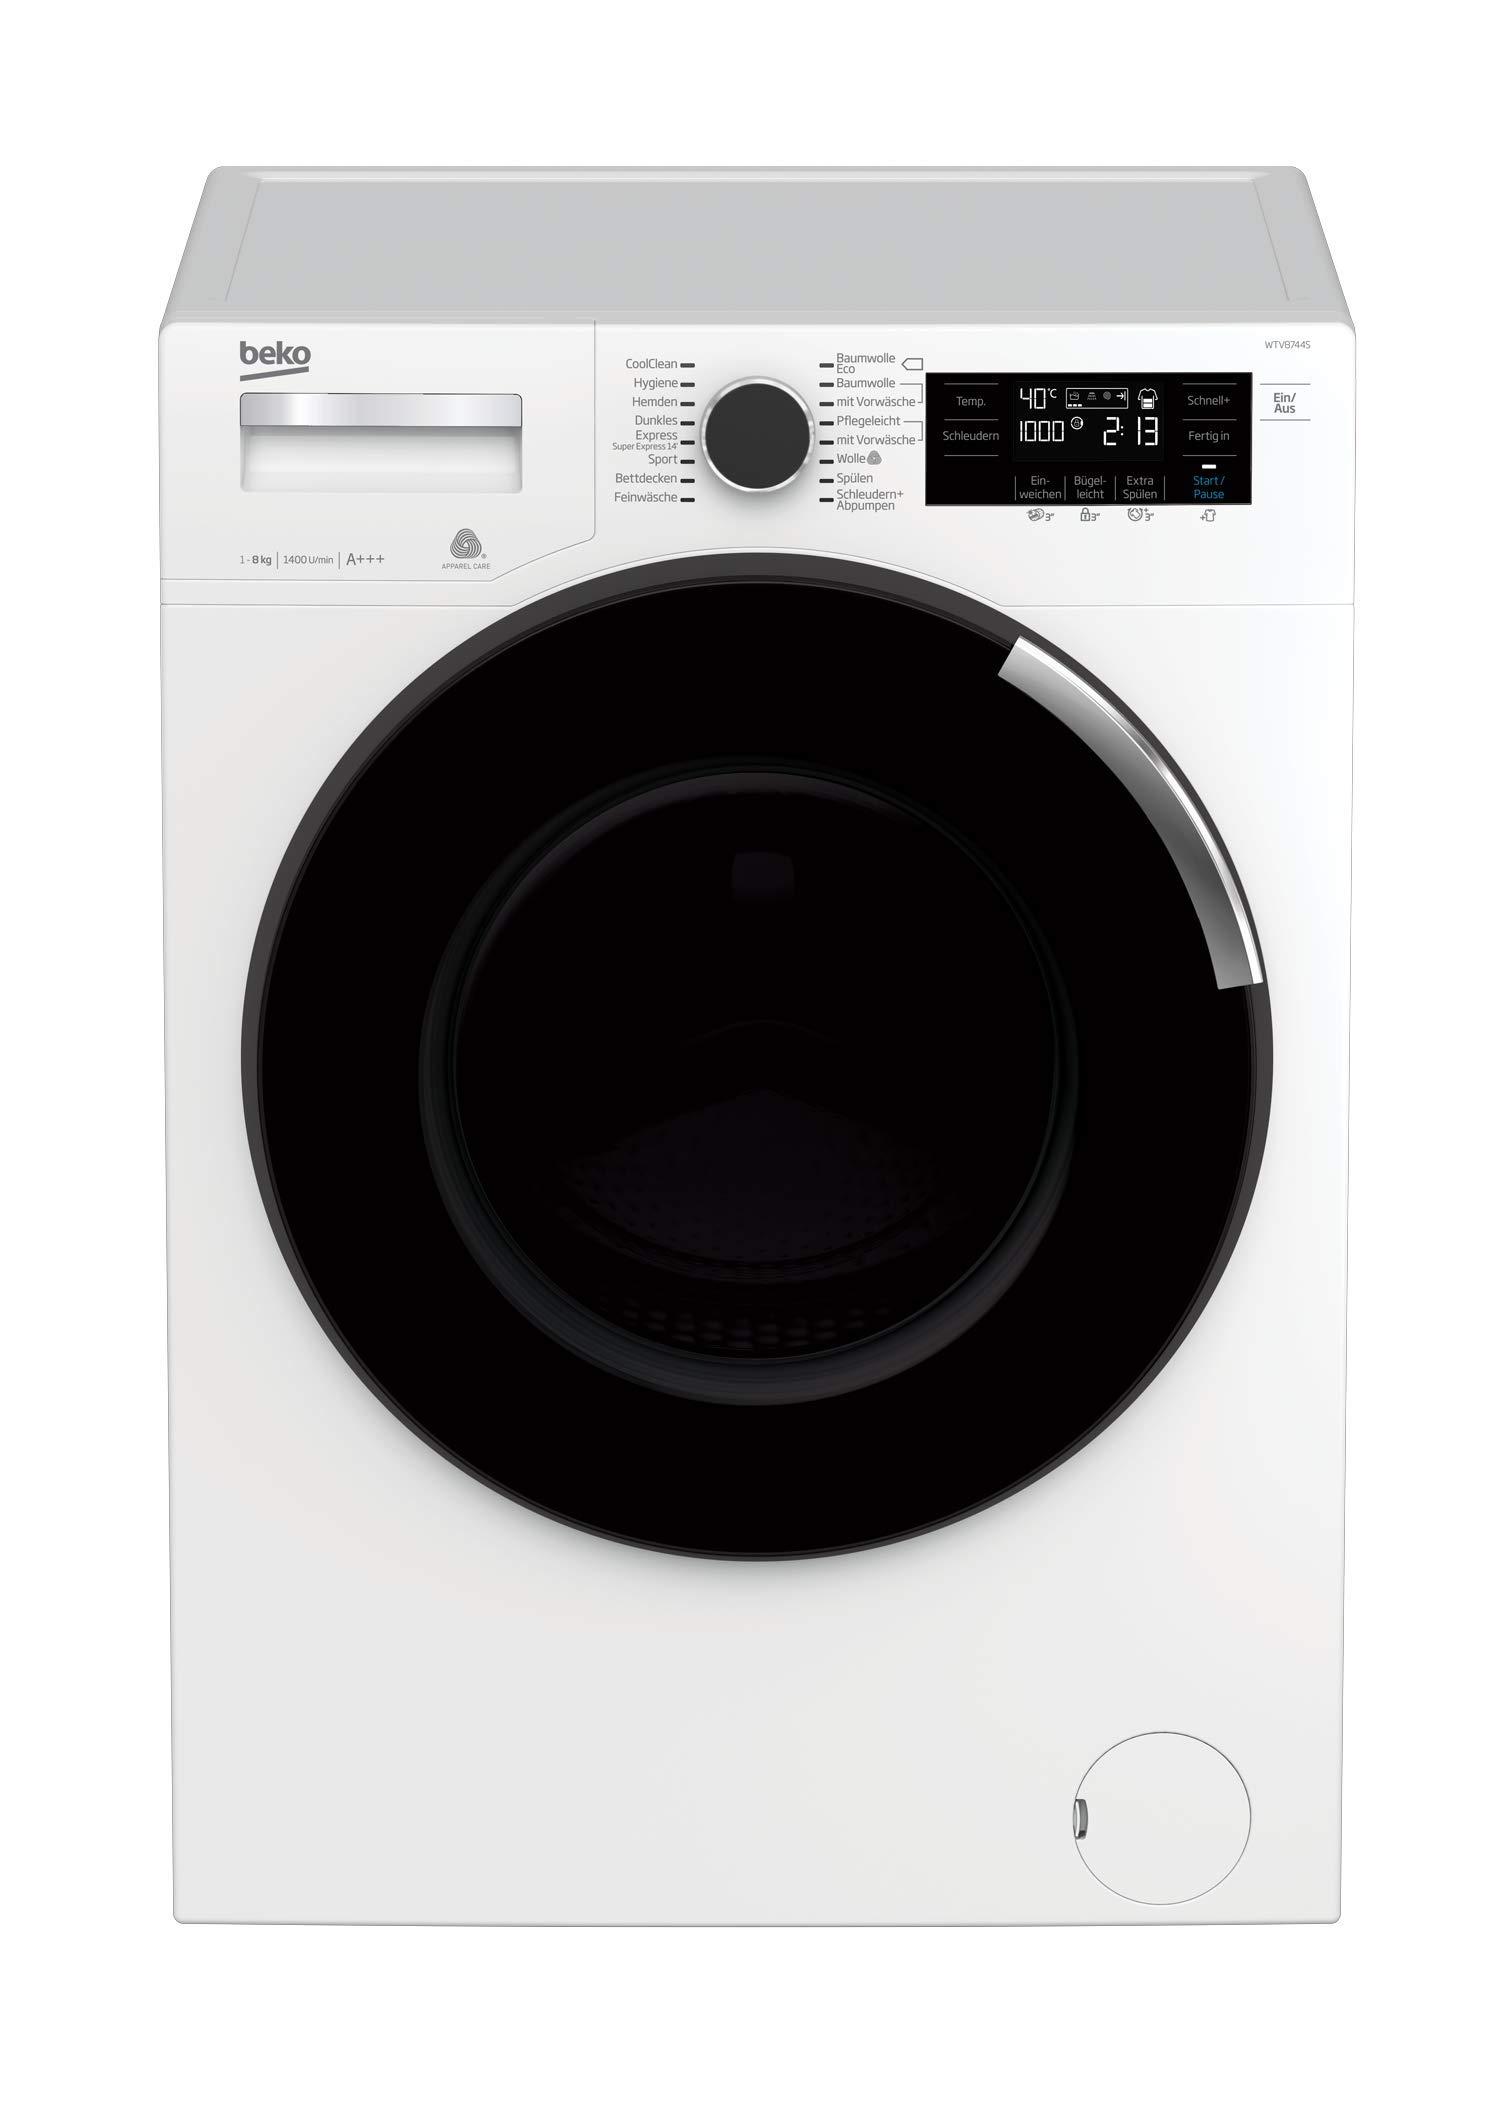 Beko-WTV8744S-Waschvollautomat-Frontlader-8-kg-Digitales-Touch-Display-ProSmart-Inverter-Motor-XL-Tr-34-cm-nur-49-dBA-beim-Waschen